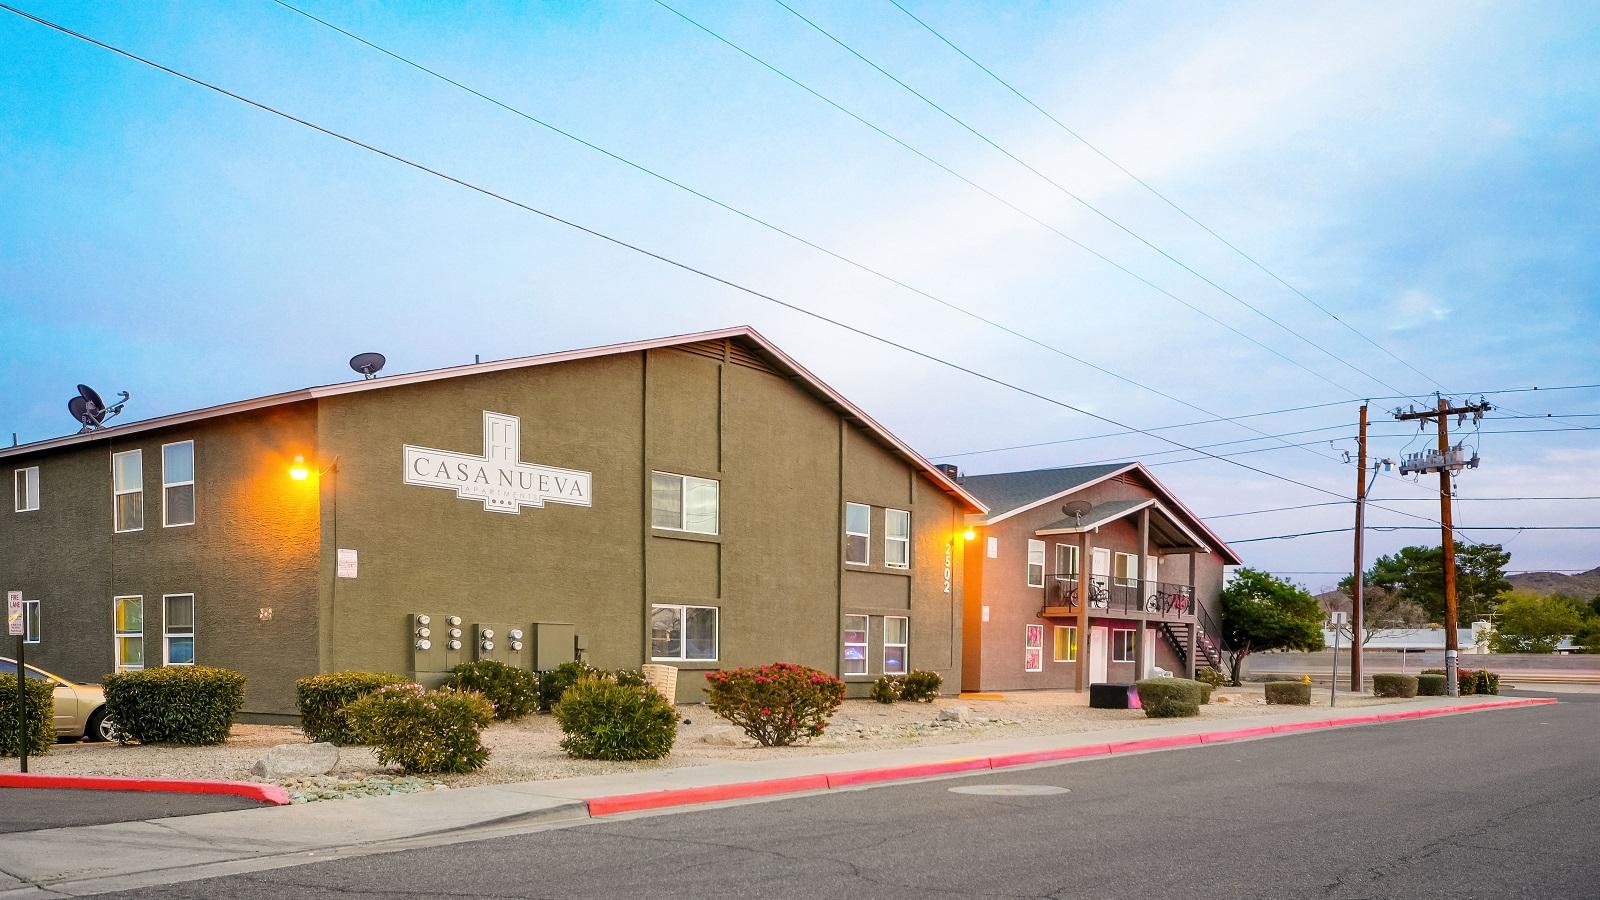 Casa Nueva Apartments | 15425 North 25th Street, Phoenix, AZ 85032 | 90 Units | Built in 1981/87 | $7,150,000 | $79,444 Per Unit | $106.62 Per SF